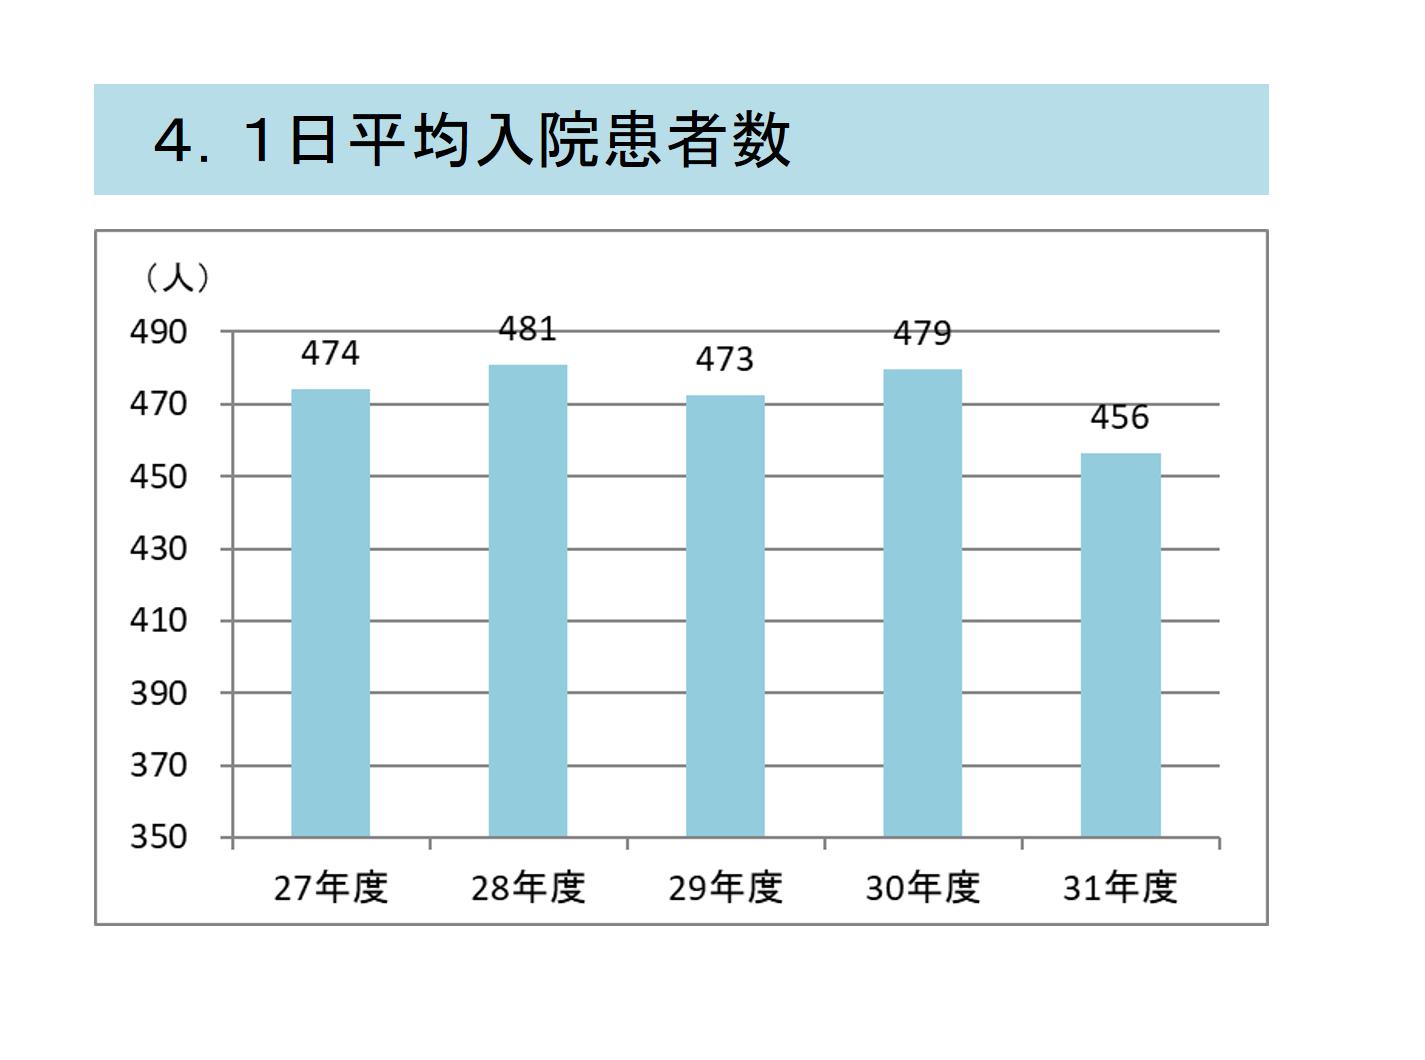 4.1日平均入院患者数.png